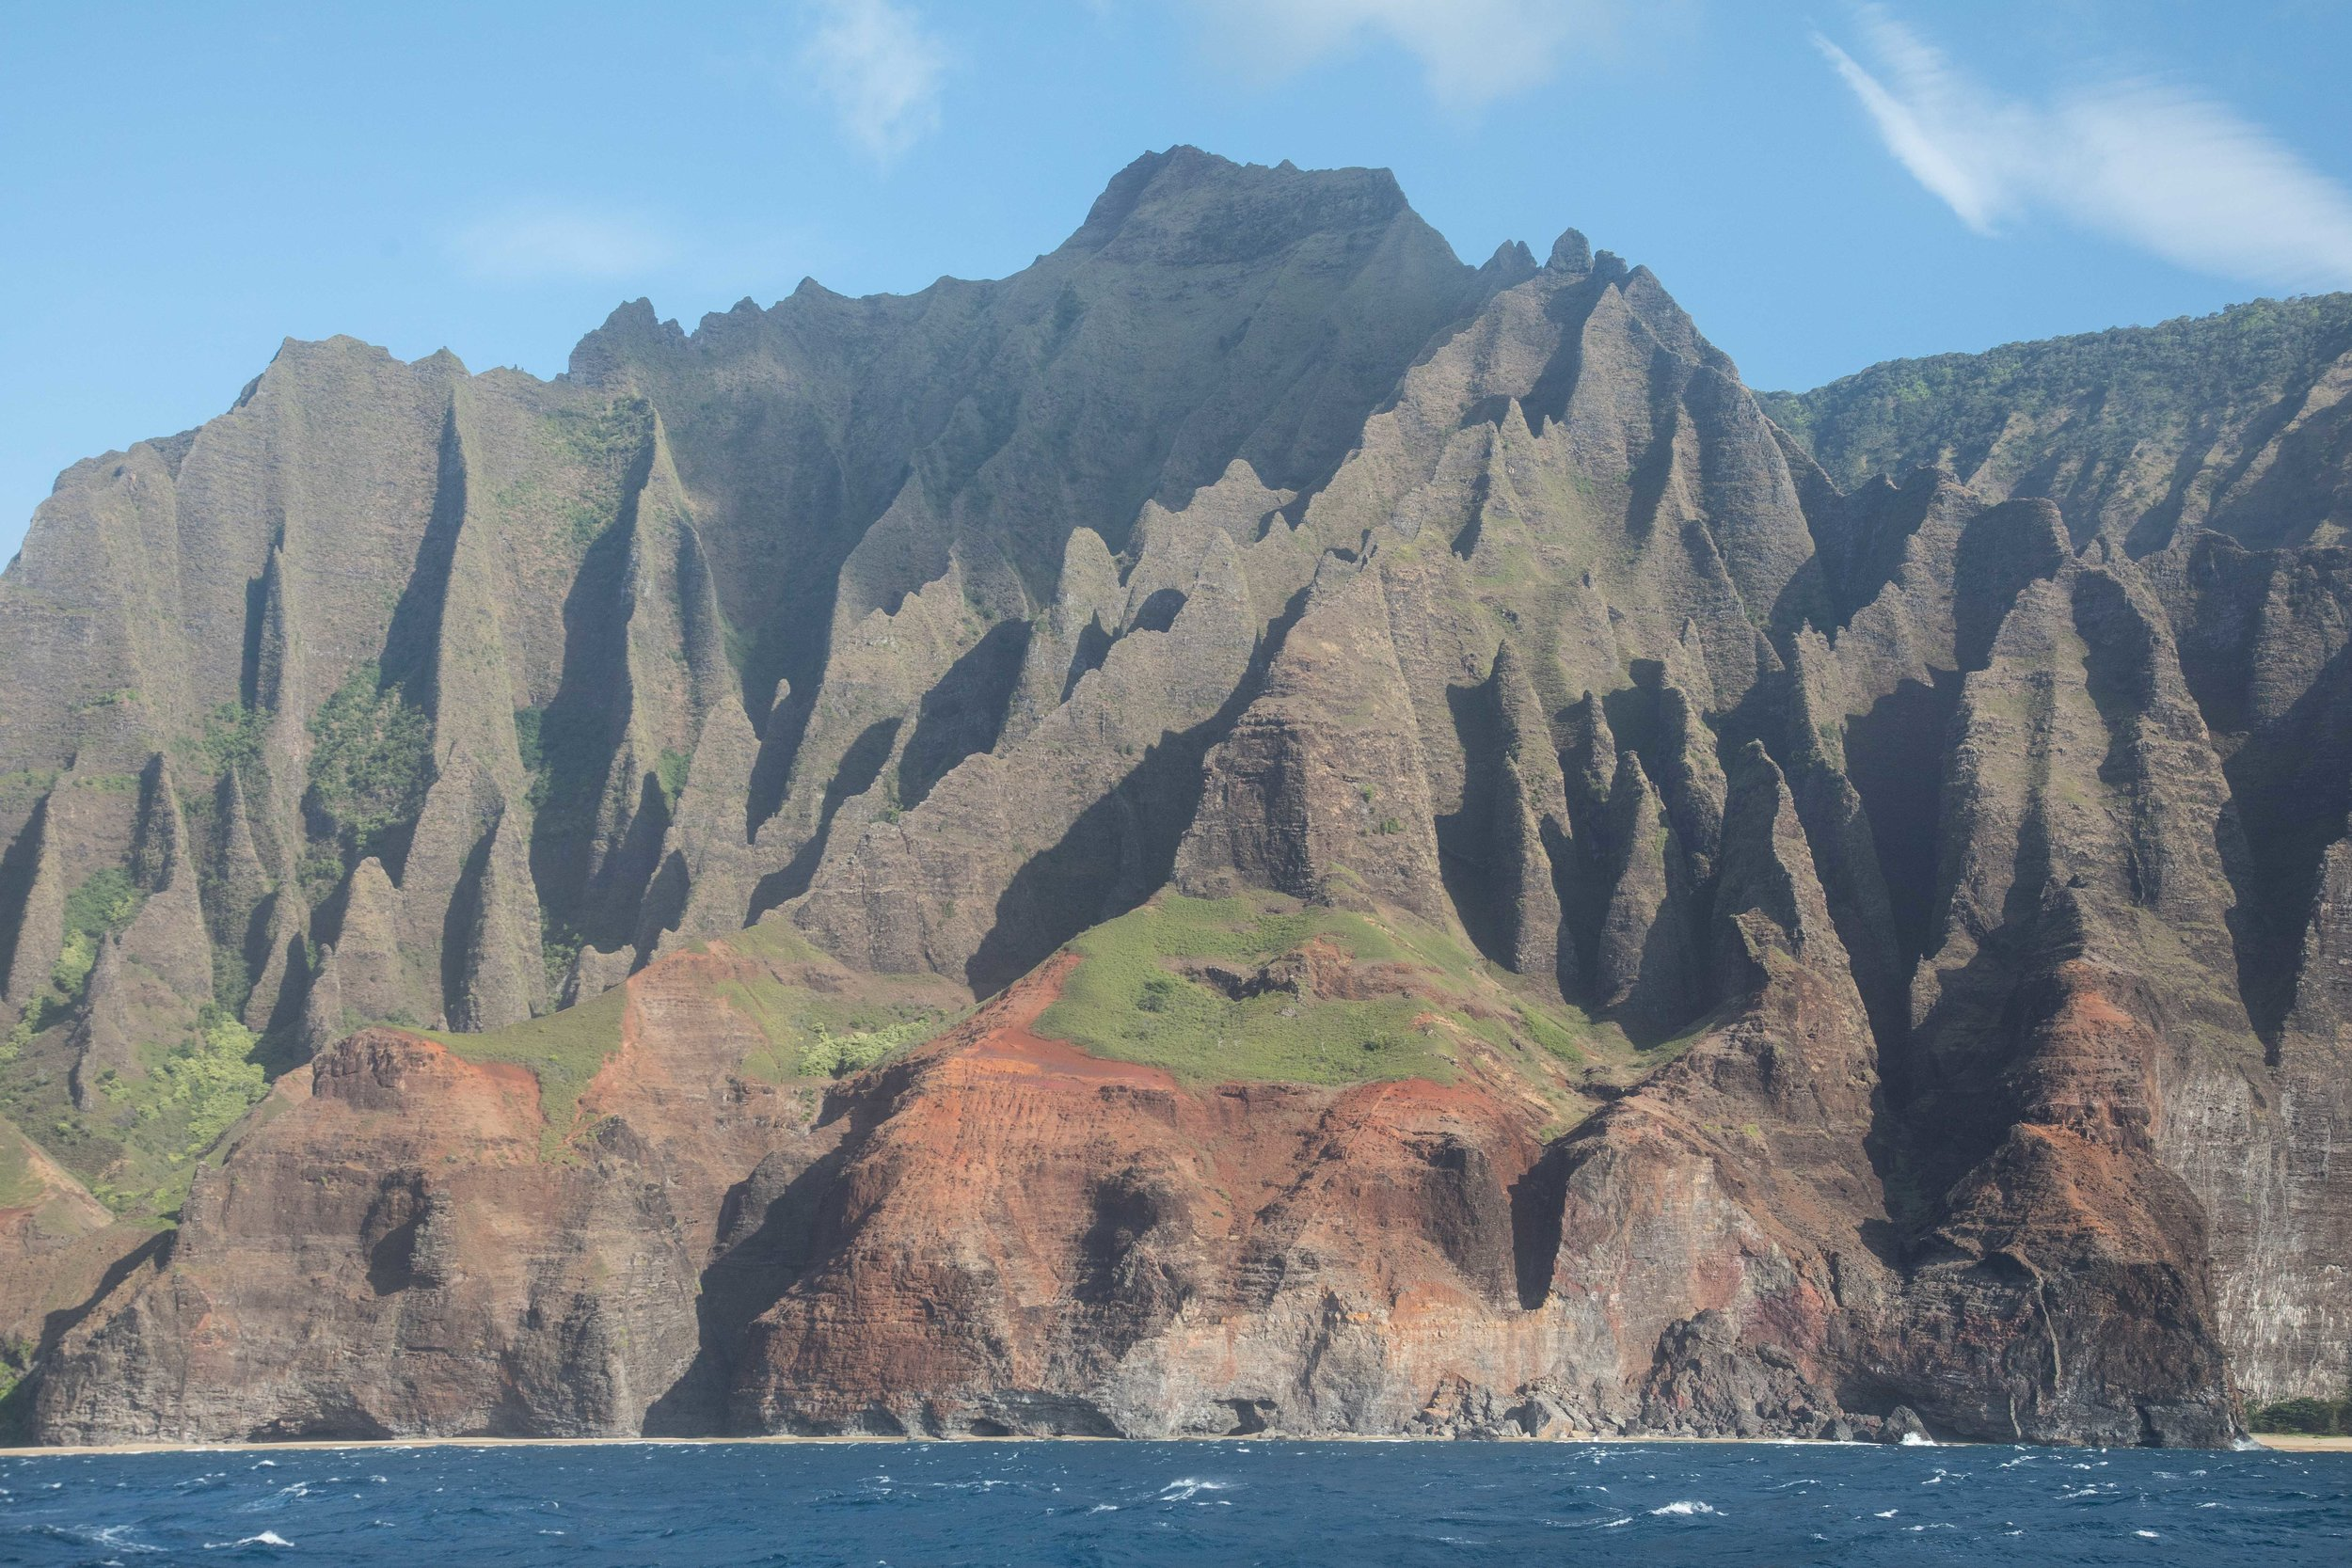 Kauai-8493.jpg